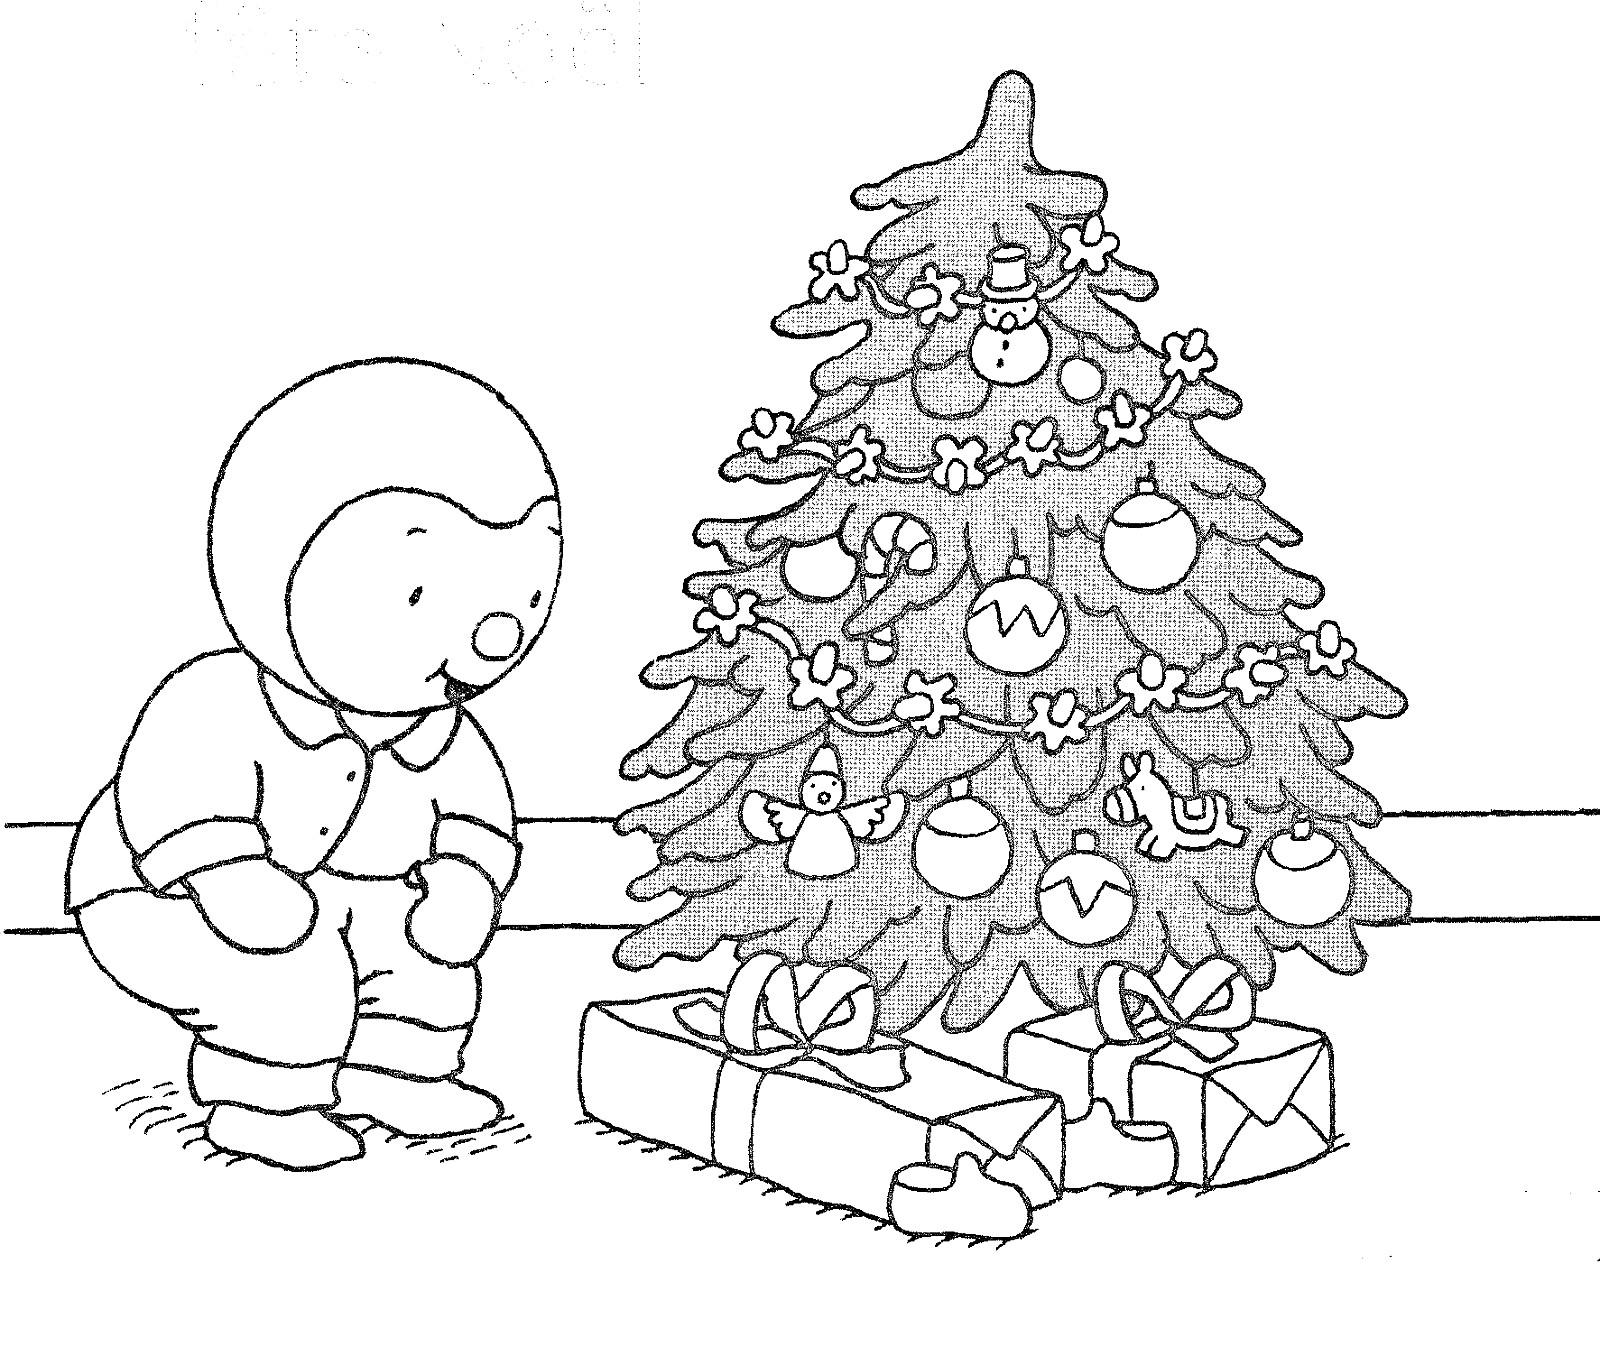 T'choupi fête Noël au pied de son Sapin : il a plein de cadeaux !A partir de la galerie : Sapin De Noel